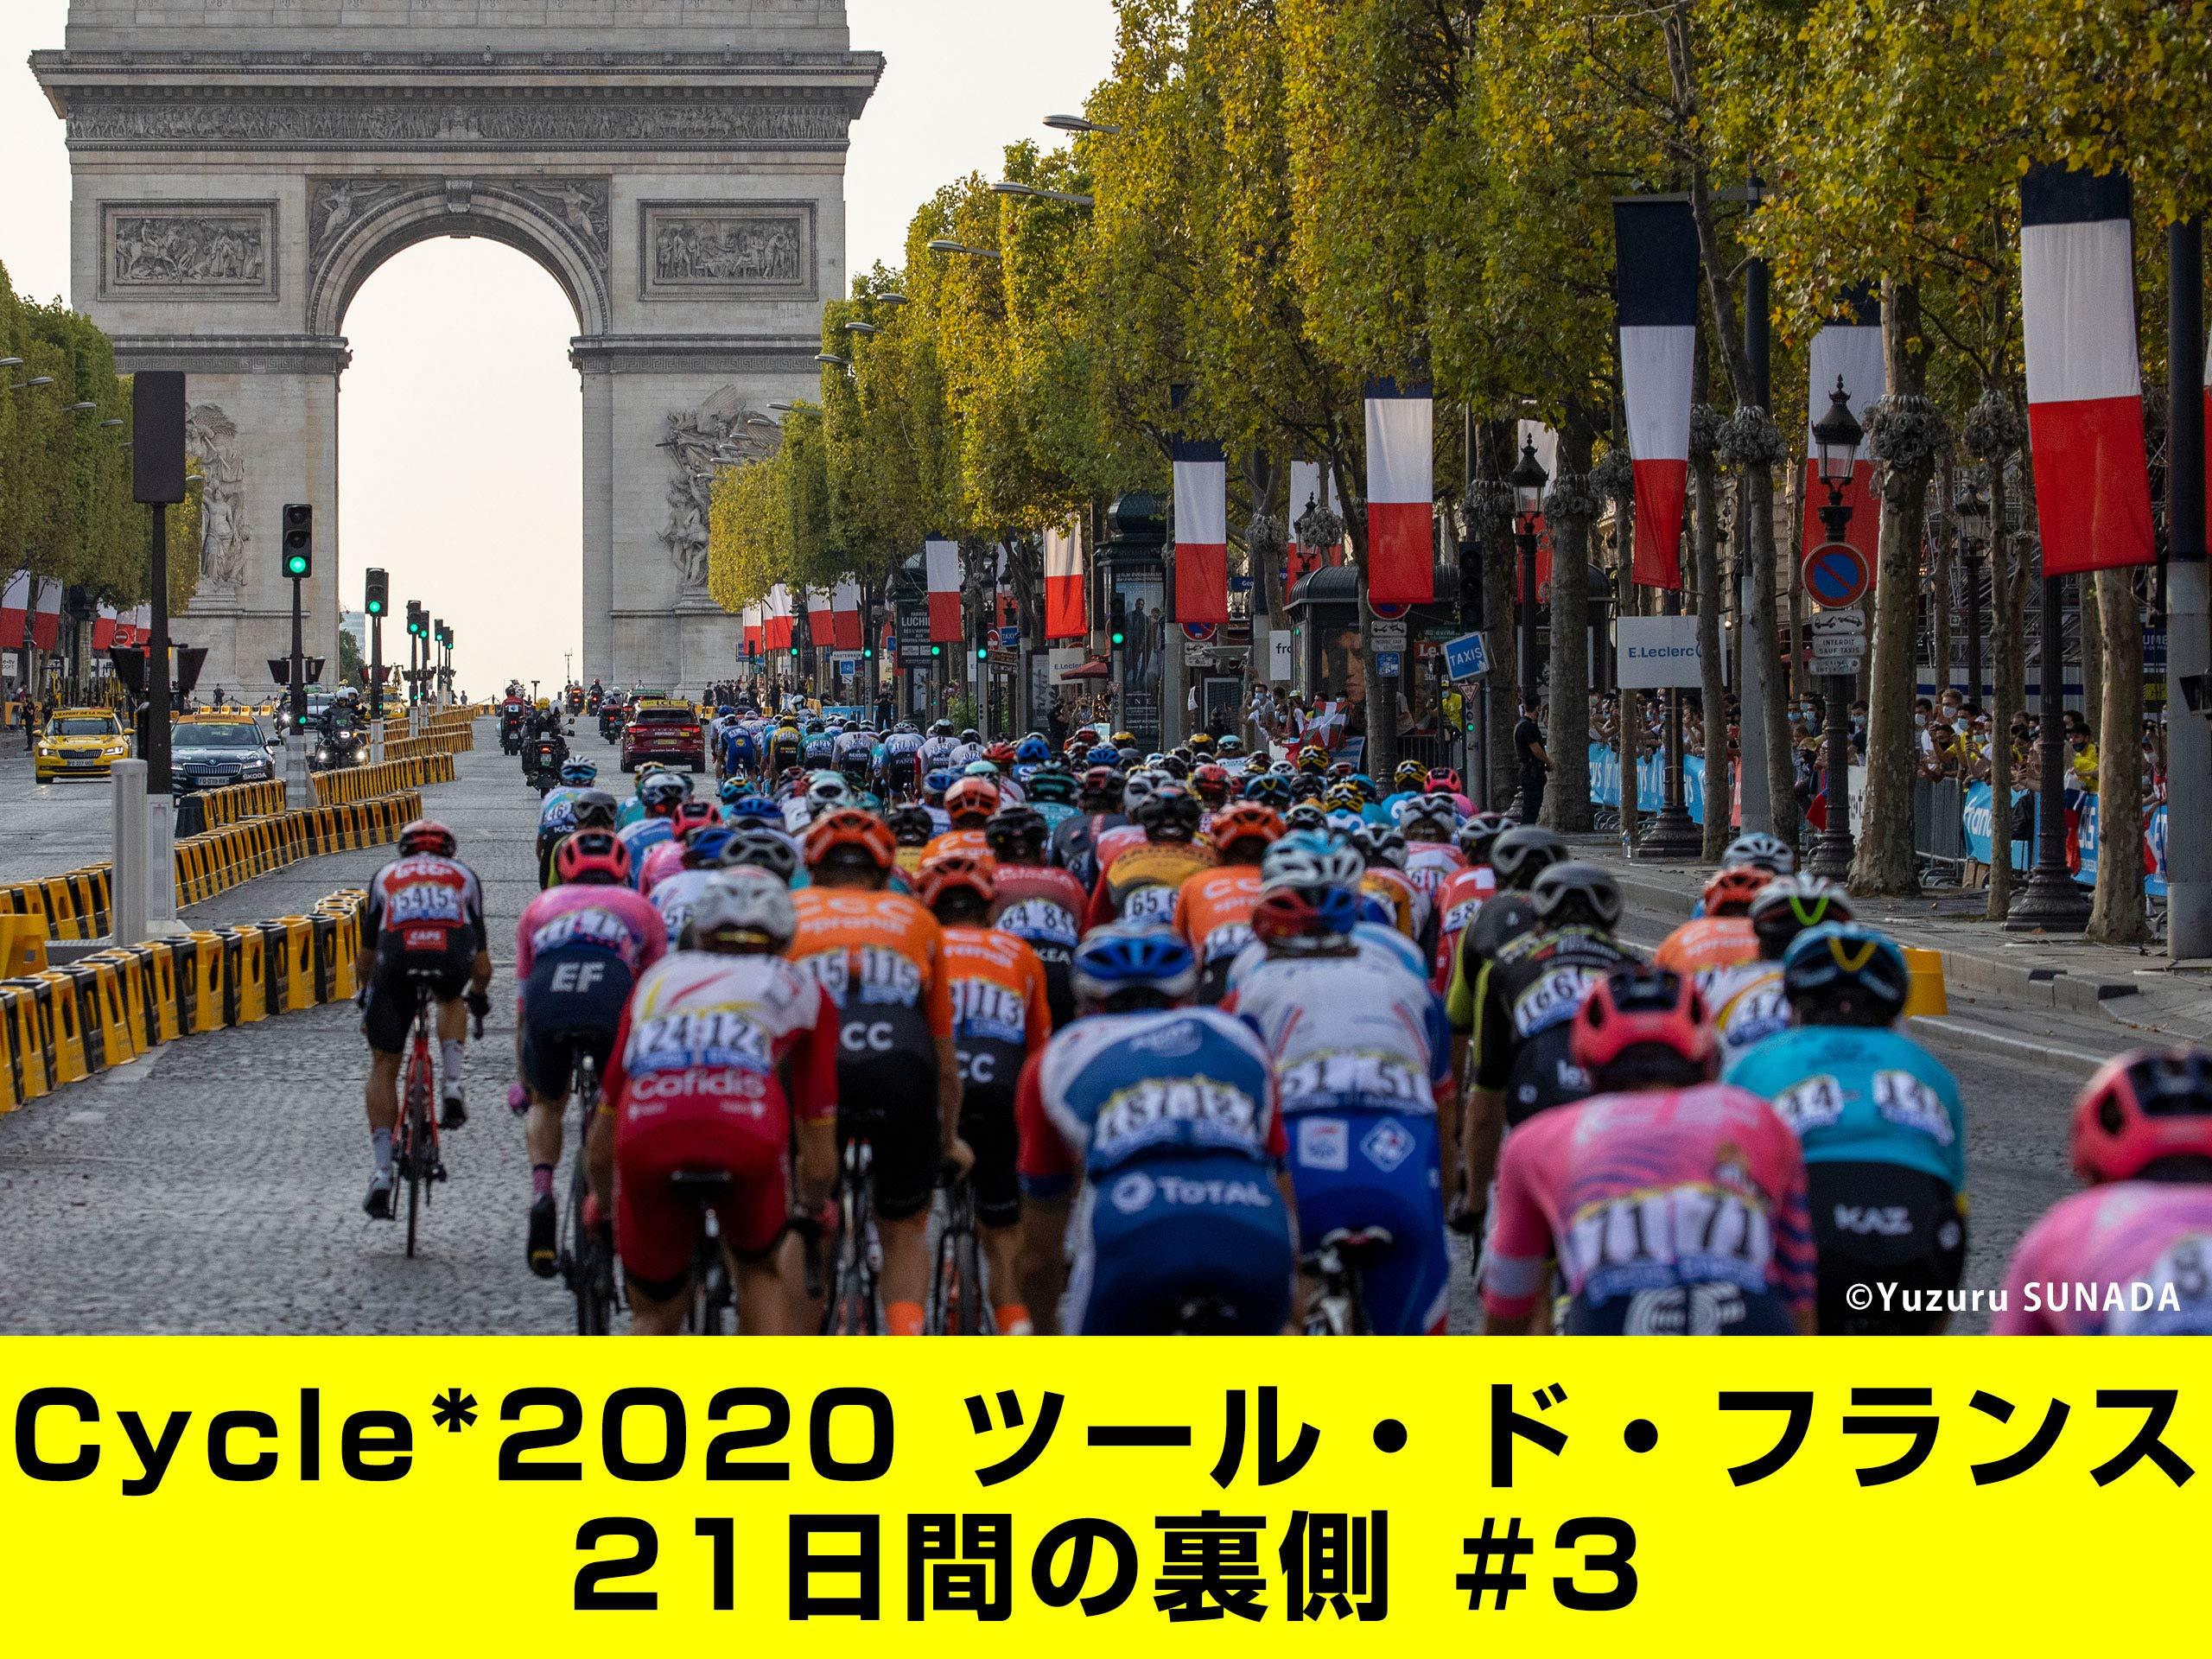 ツールド フランス 2020 スタート リスト